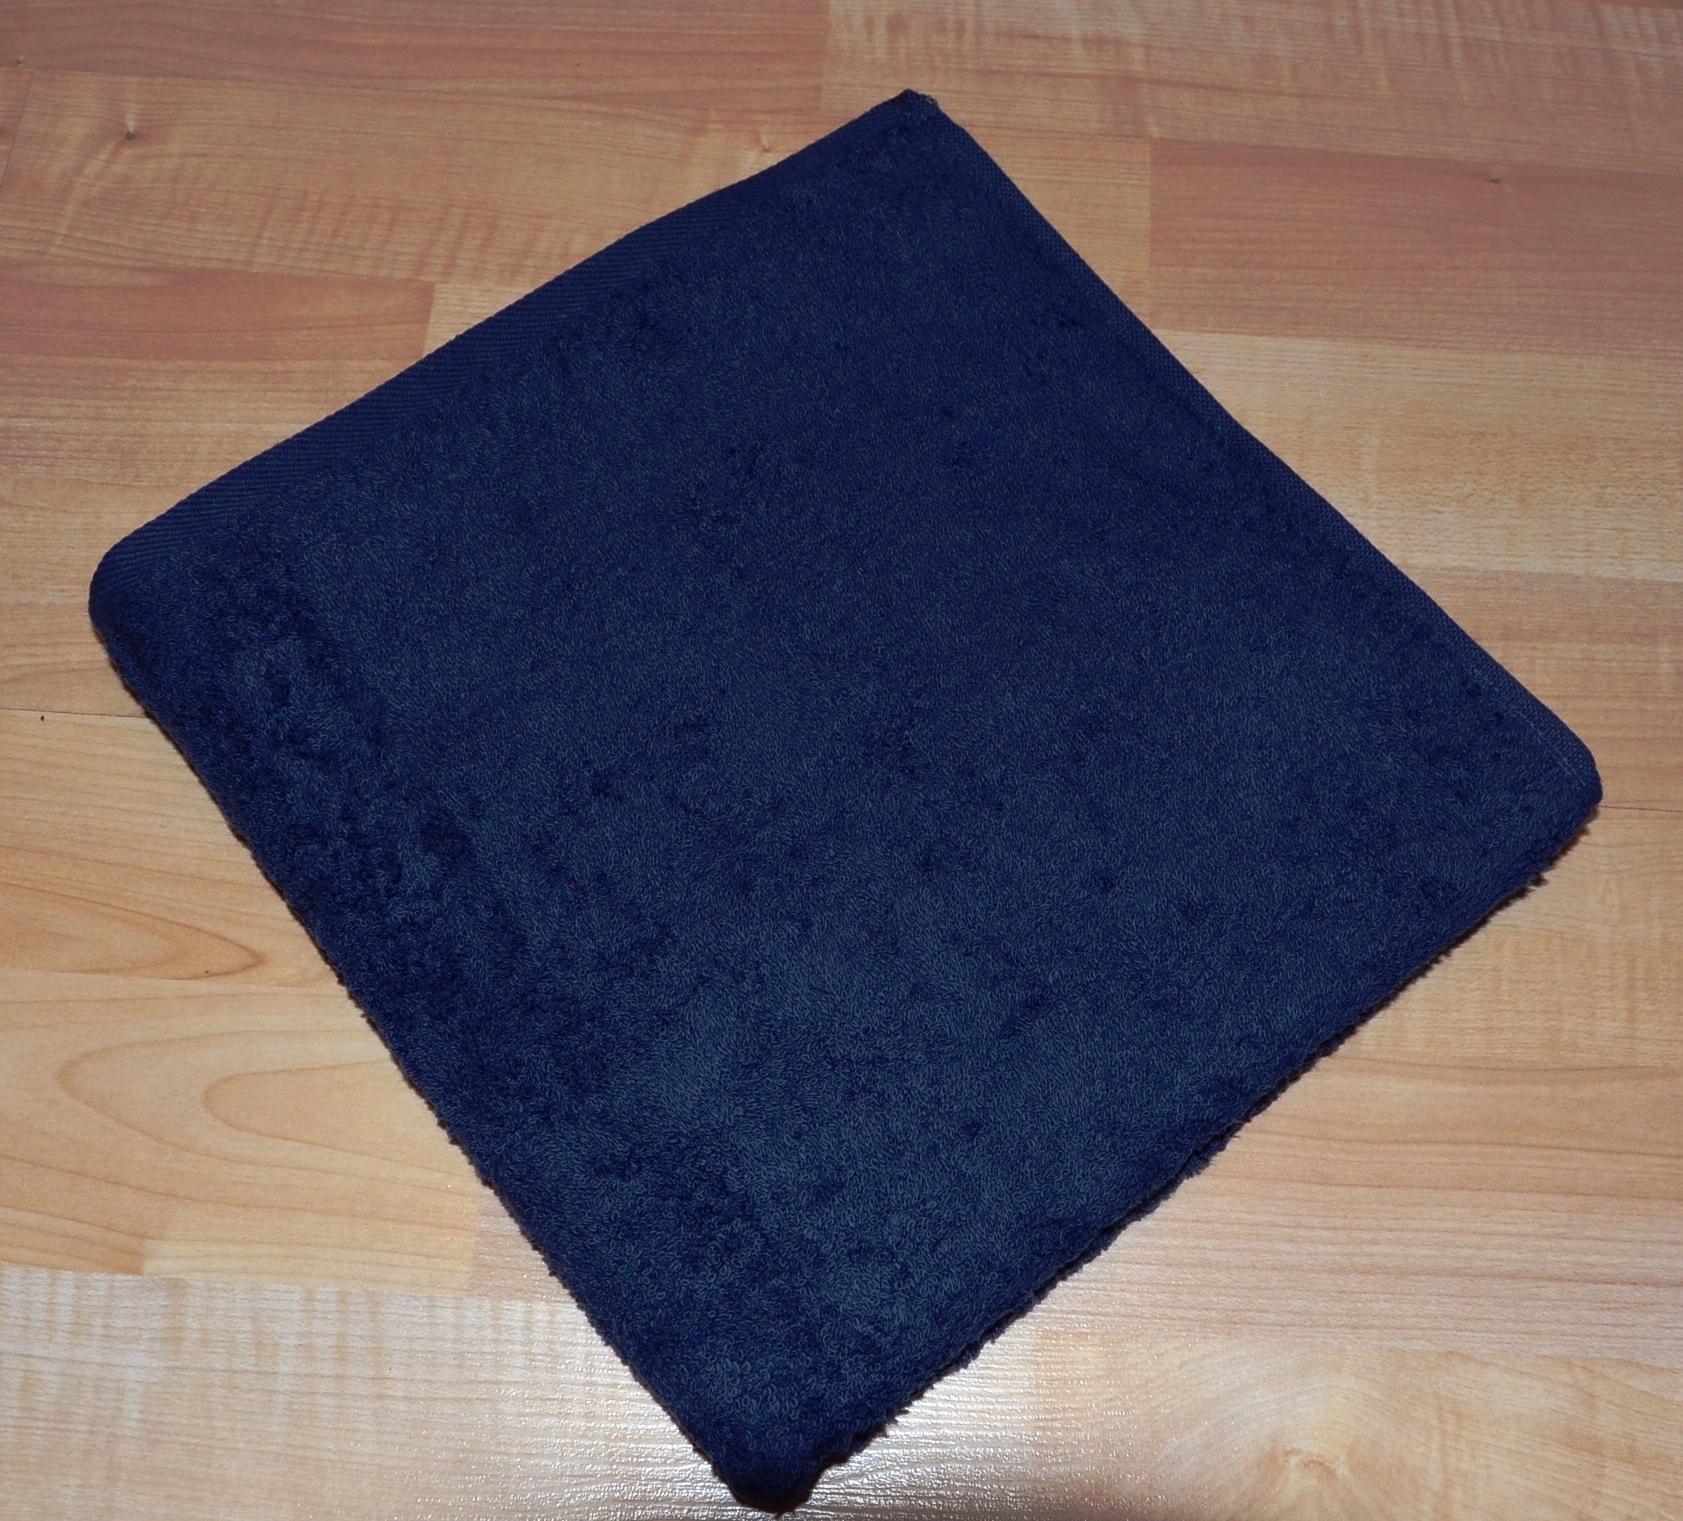 Froté ručník 50x100cm bez proužku 450g tmavě modrý